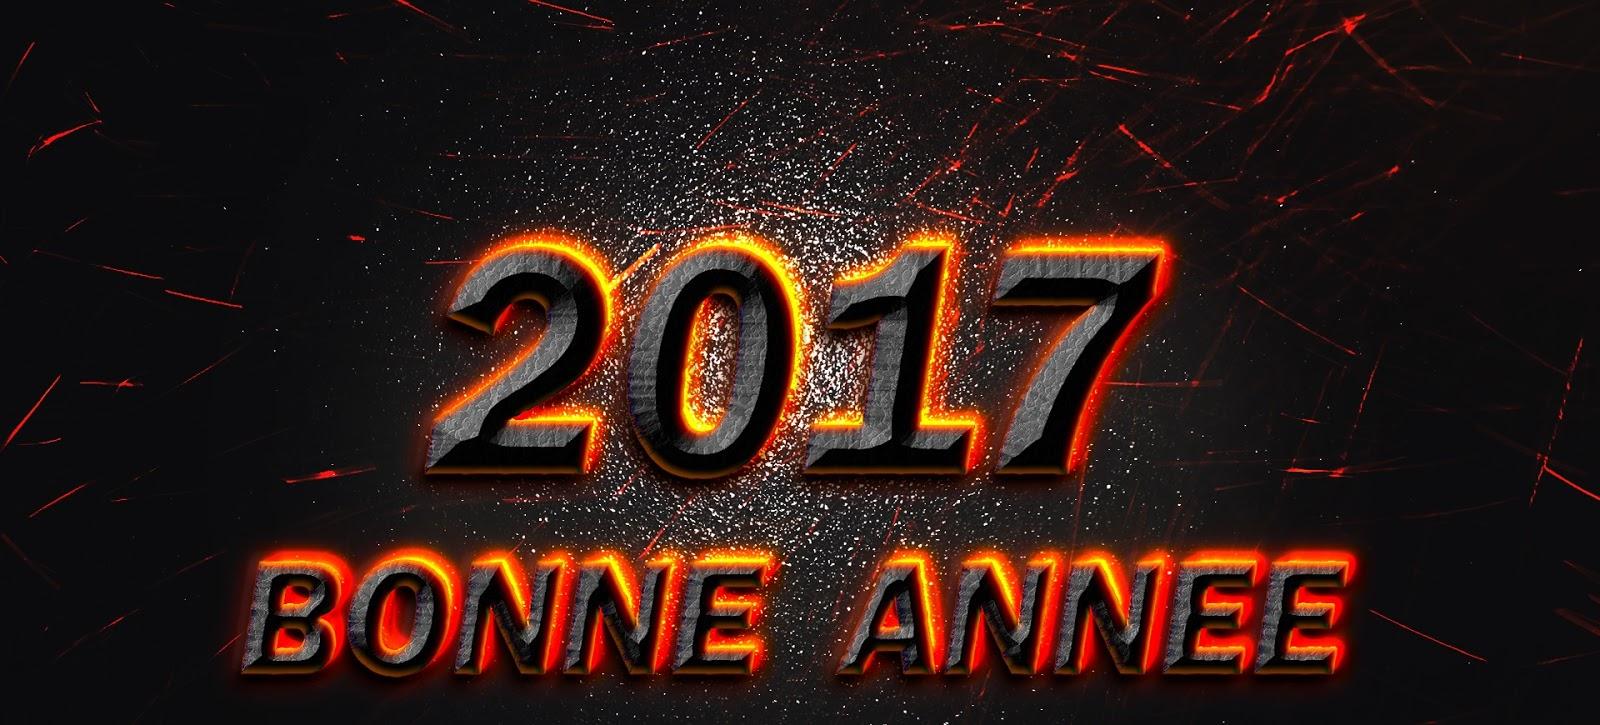 SMS bonne année et nouvel an 2017